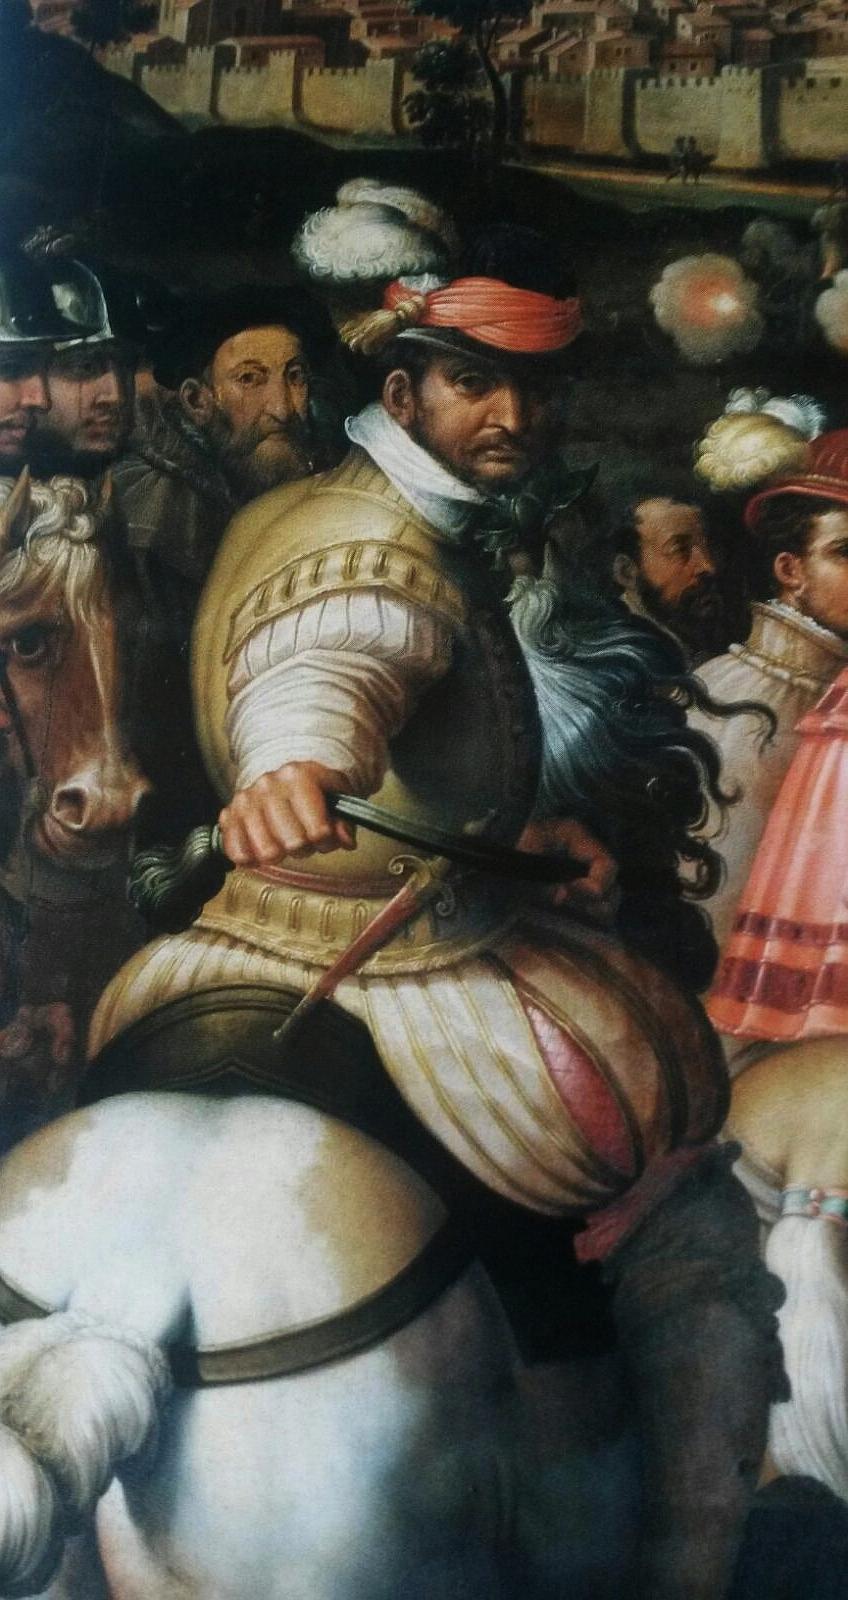 Giorgio Vasari Trionfo su Siena dettaglio di cavaliere con giustacuore in cuoio e pantaloni con pantaloni bordati in oro 1565